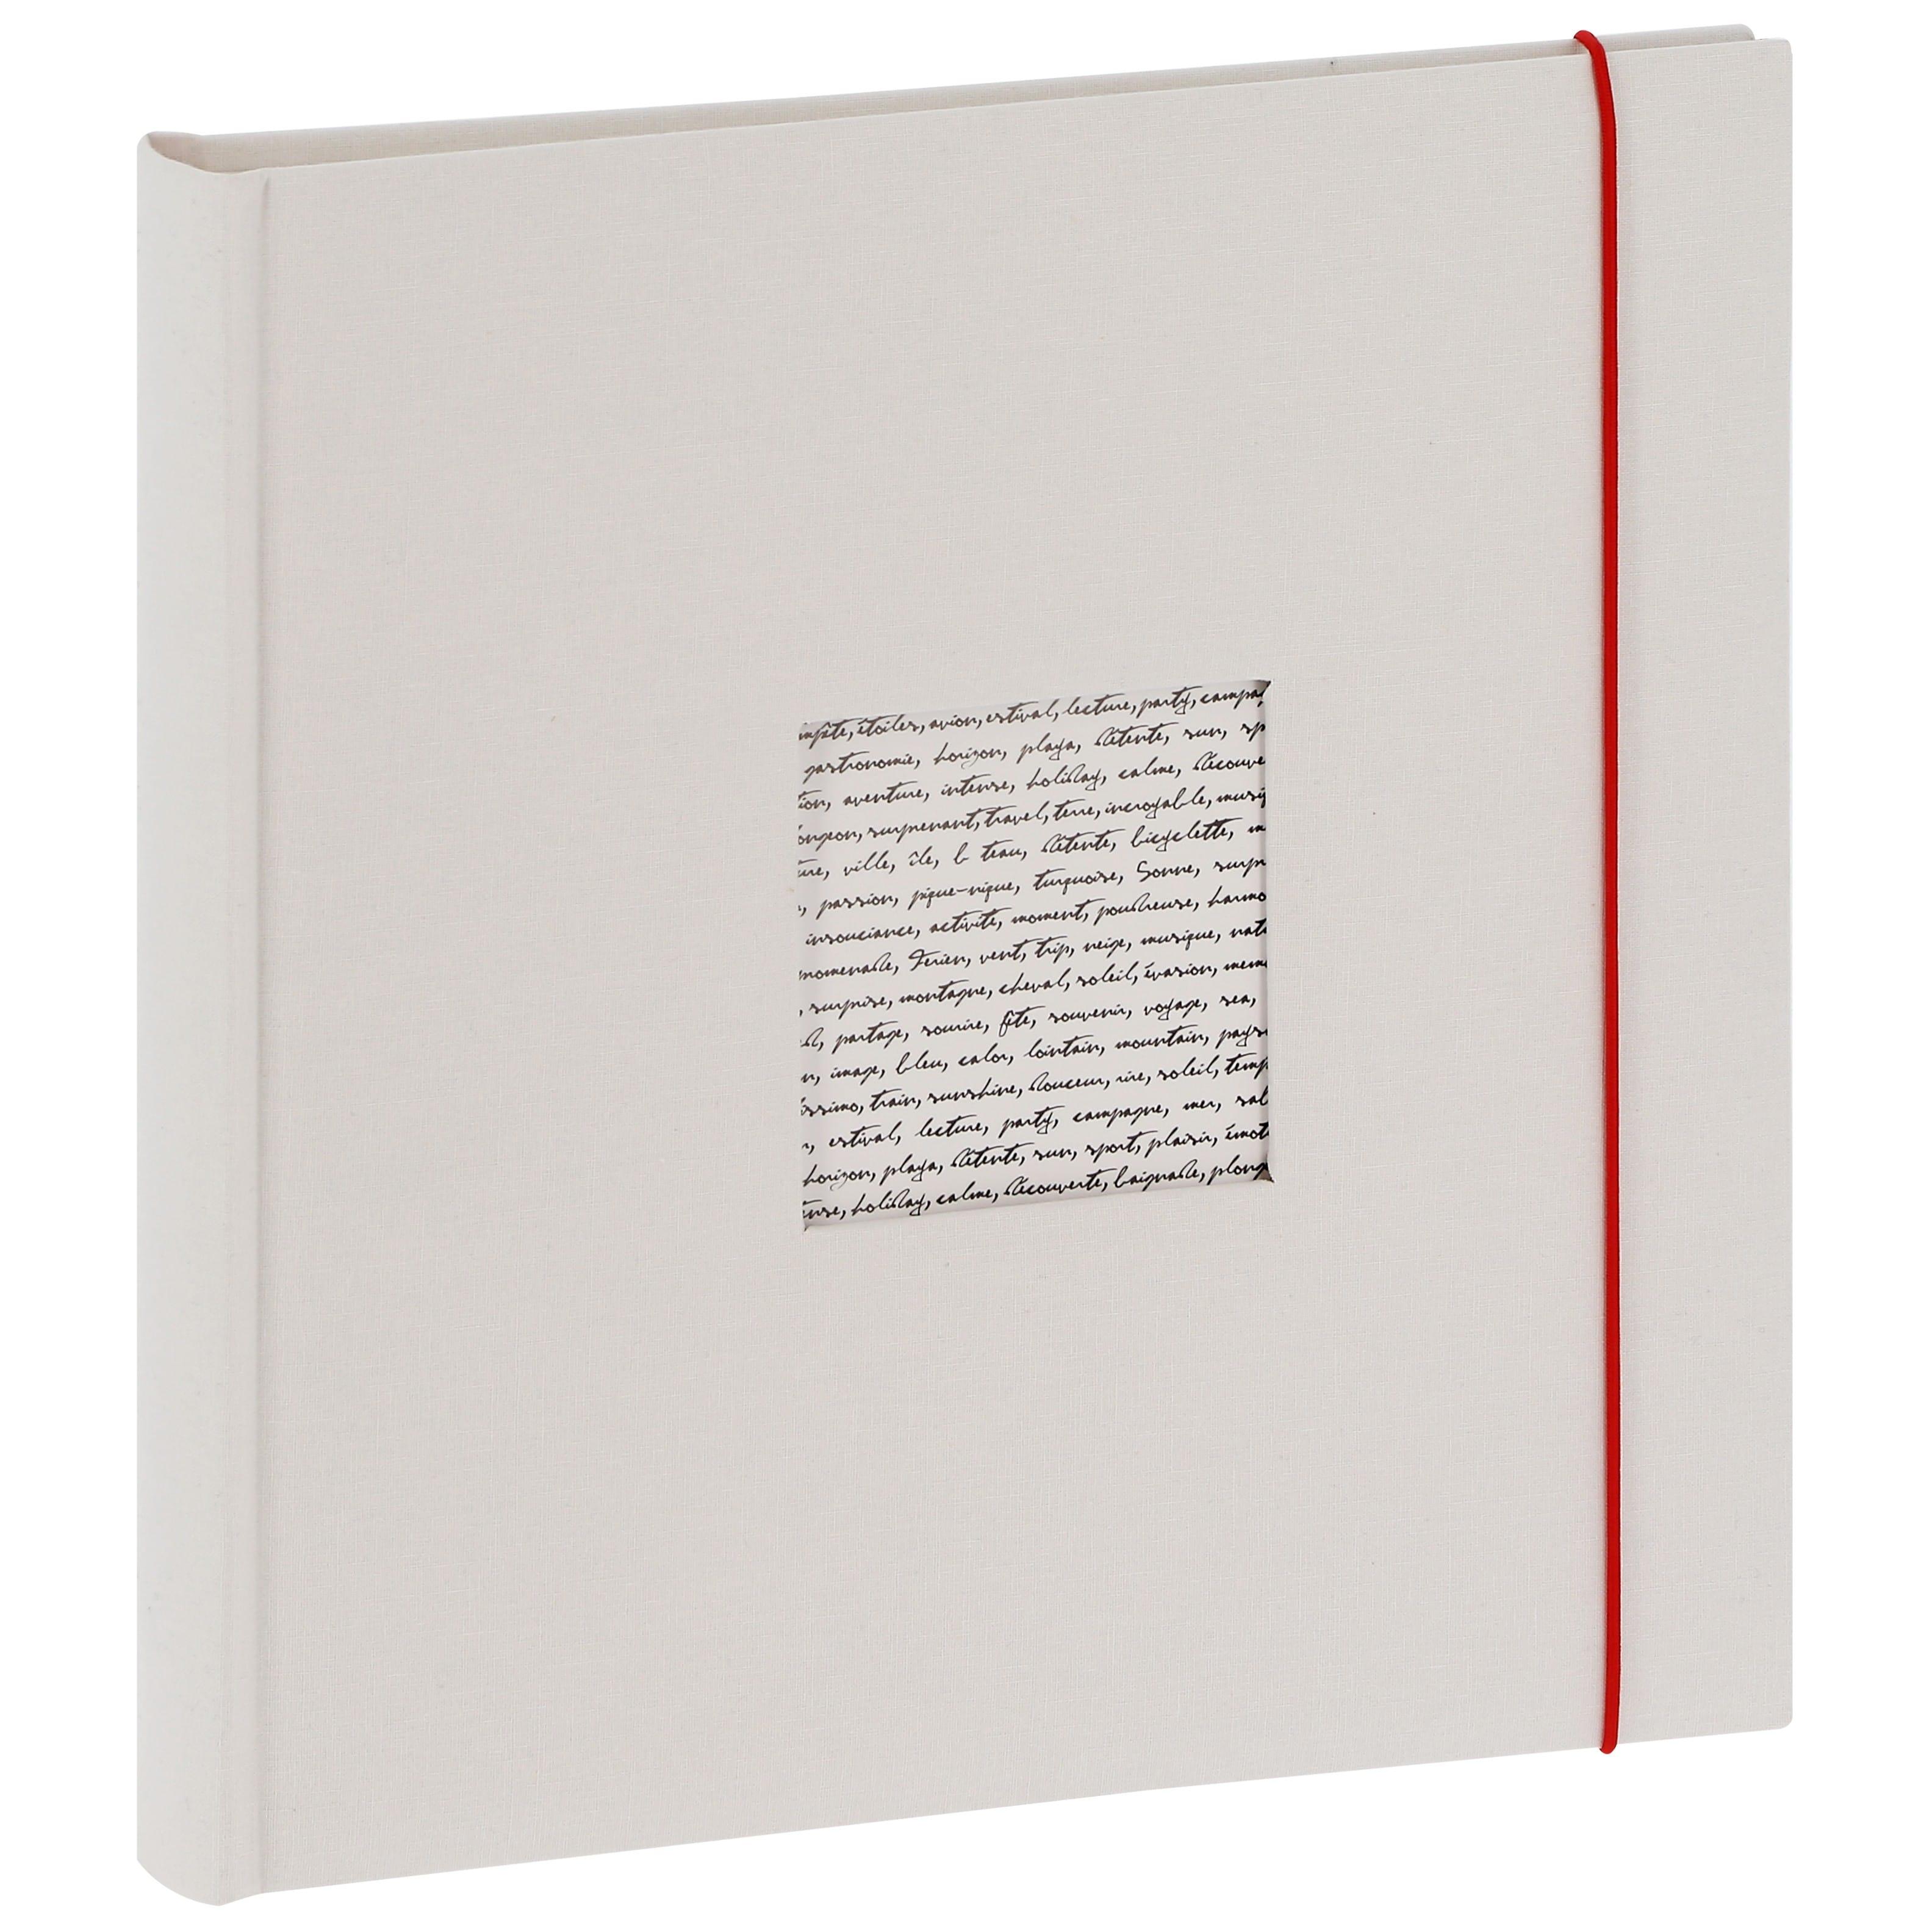 PANODIA - Album photo traditionnel Mariage LINEA - 60 pages ivoires + feuillets cristal - 240 photos - Couverture Blanche 30x30cm + fenêtre